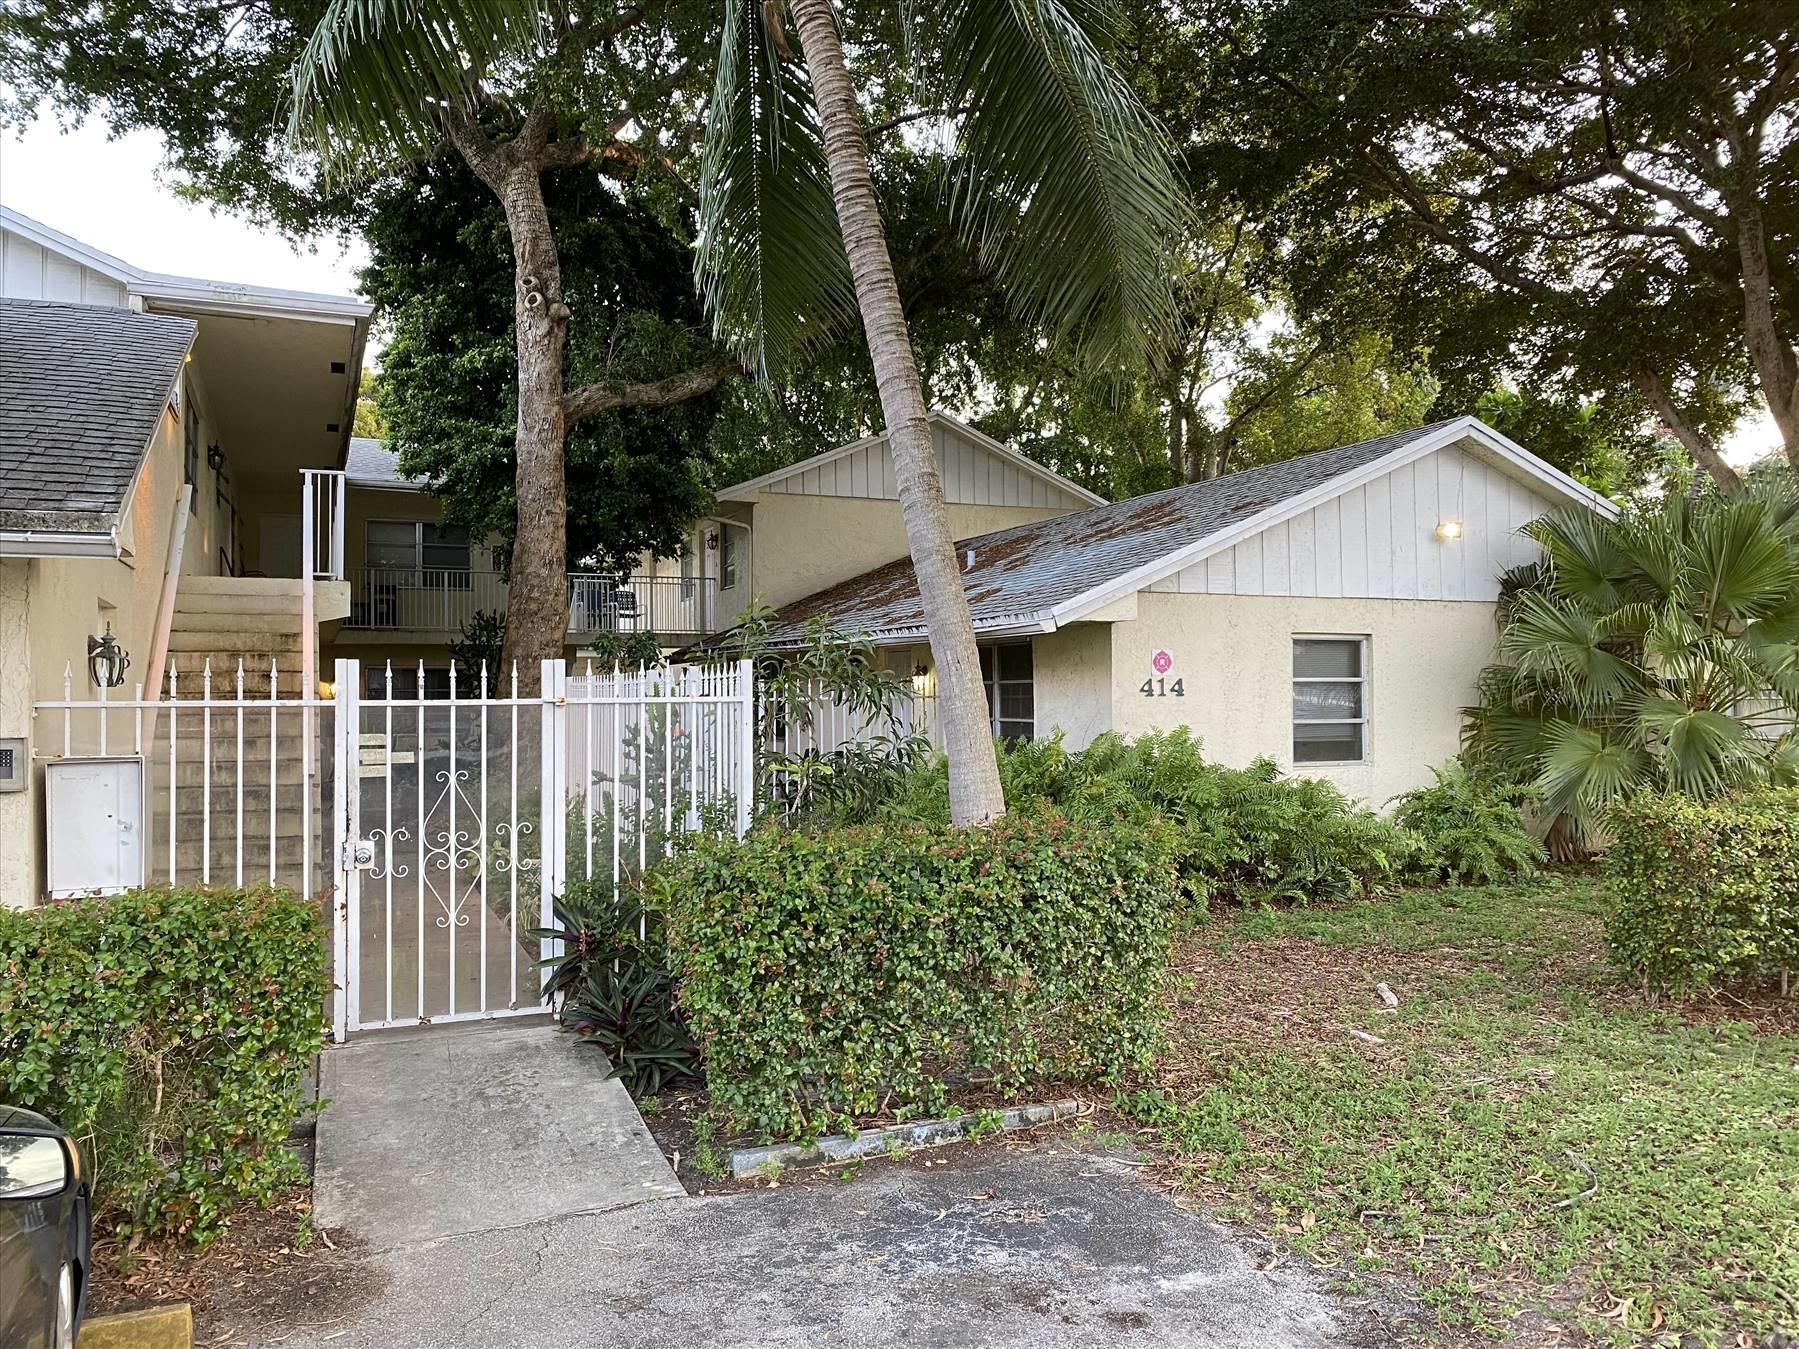 414 14 Street, Fort Lauderdale, Florida 33316, 1 Bedroom Bedrooms, ,1 BathroomBathrooms,Condo/Coop,For Rent,14,1,RX-10656975